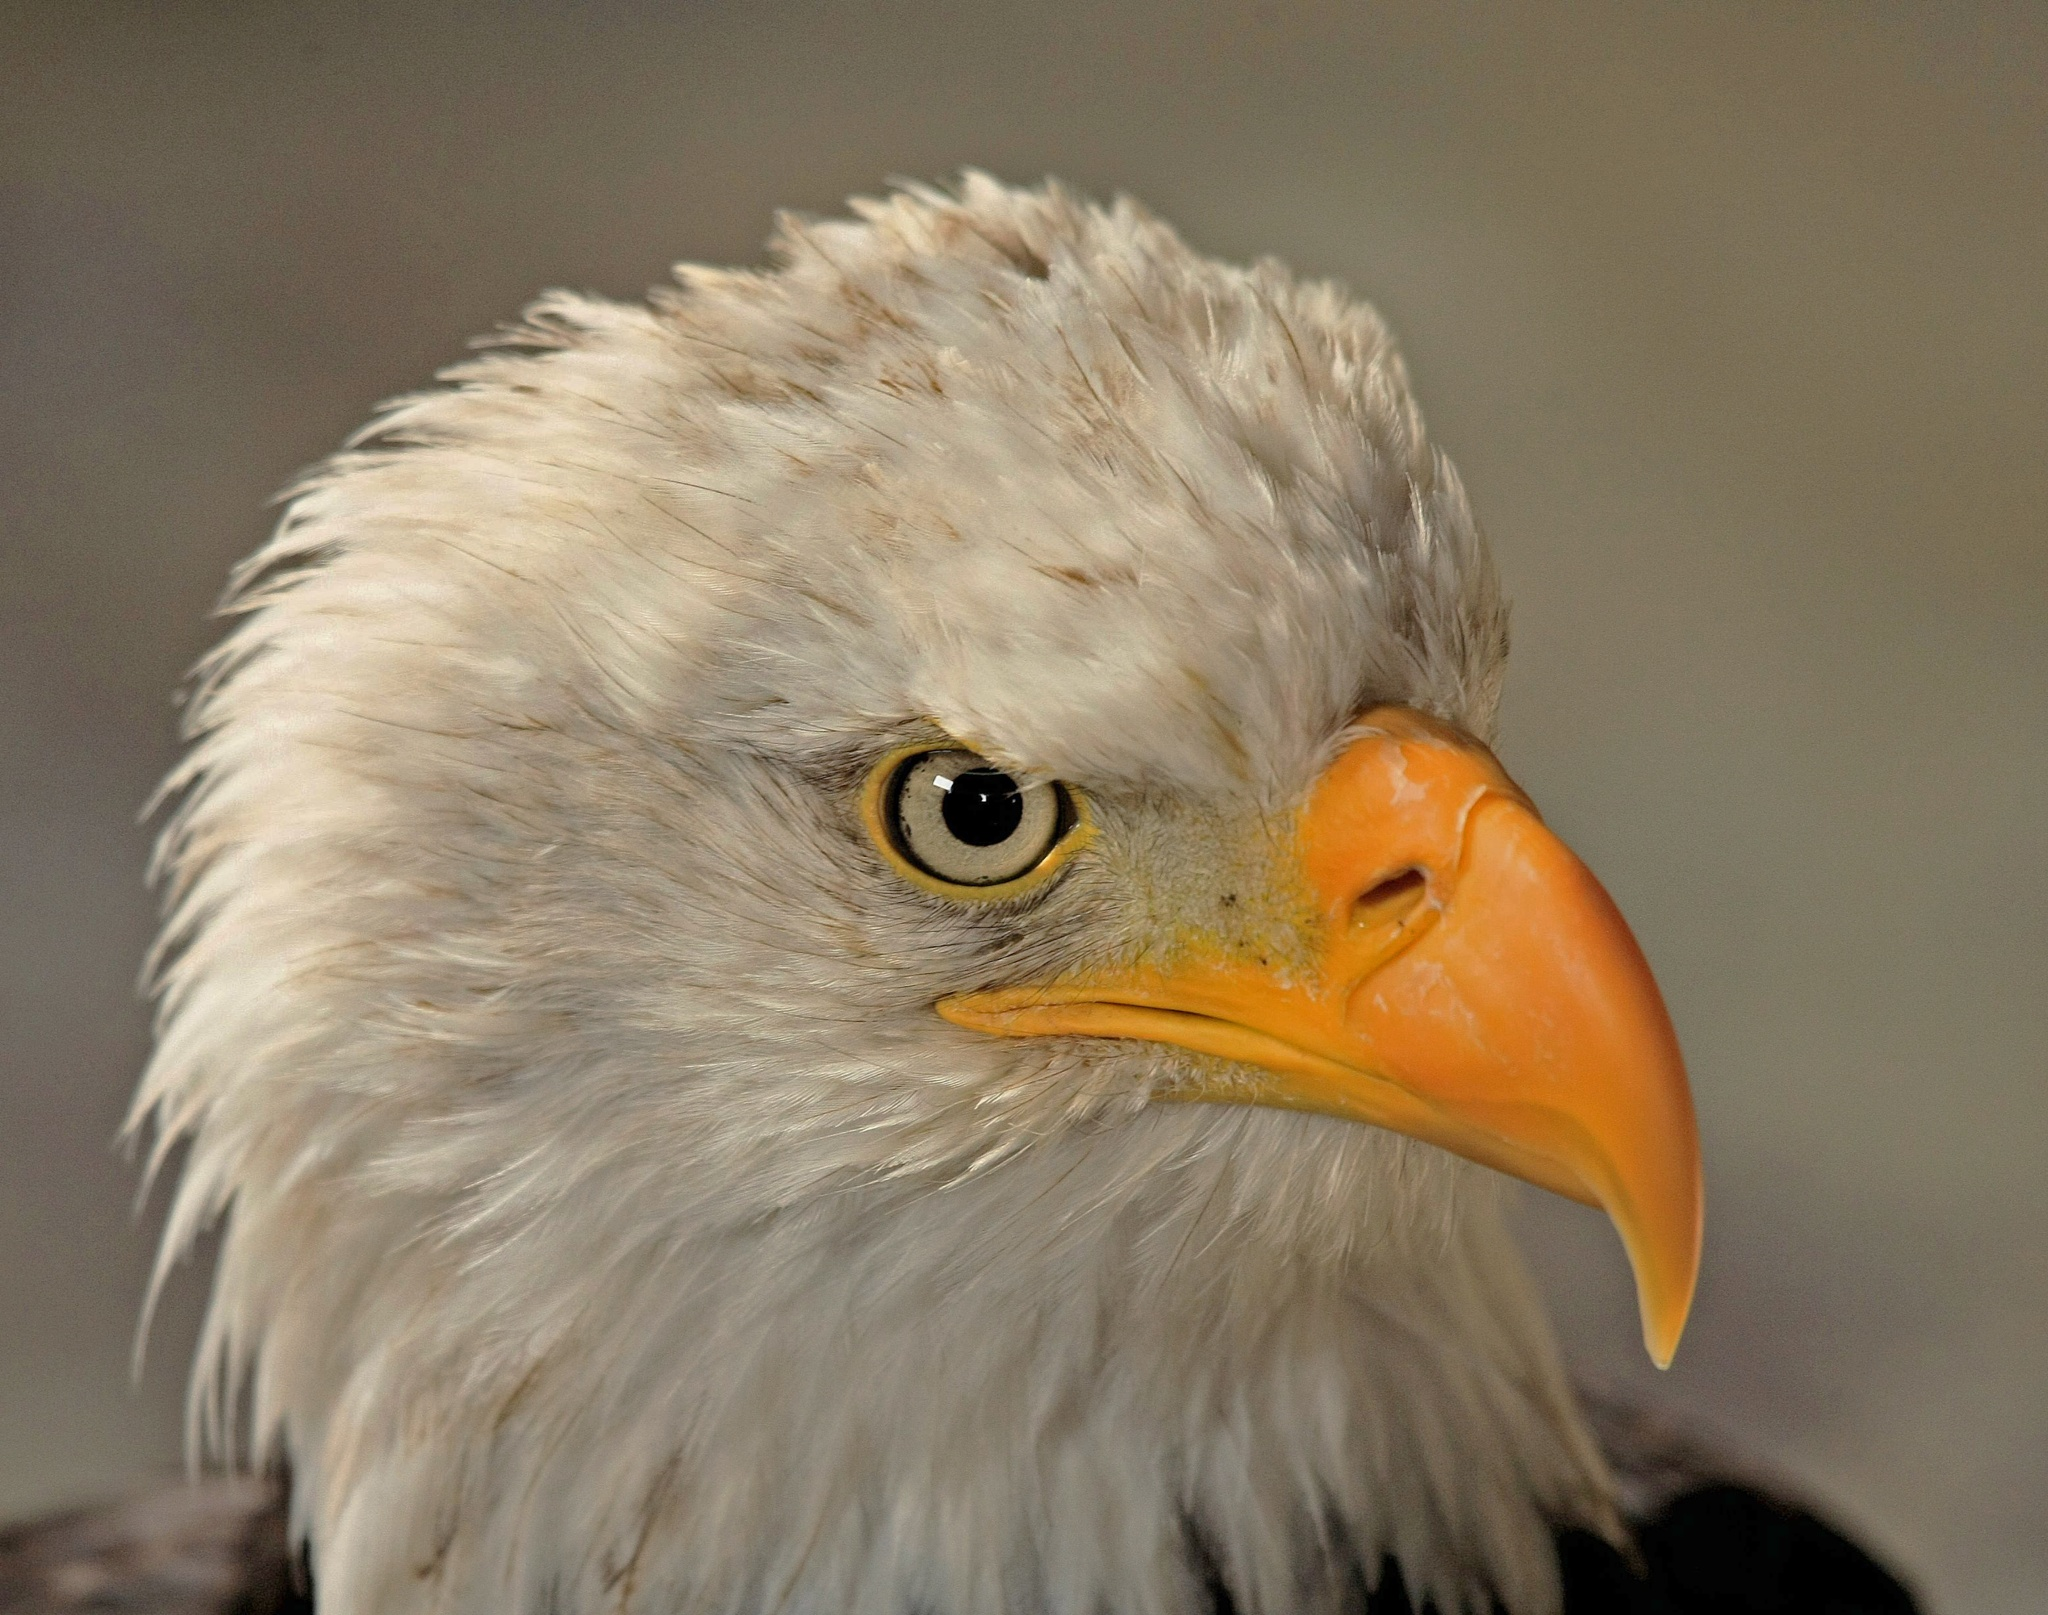 Portrait of the sea-eagle by Bob66